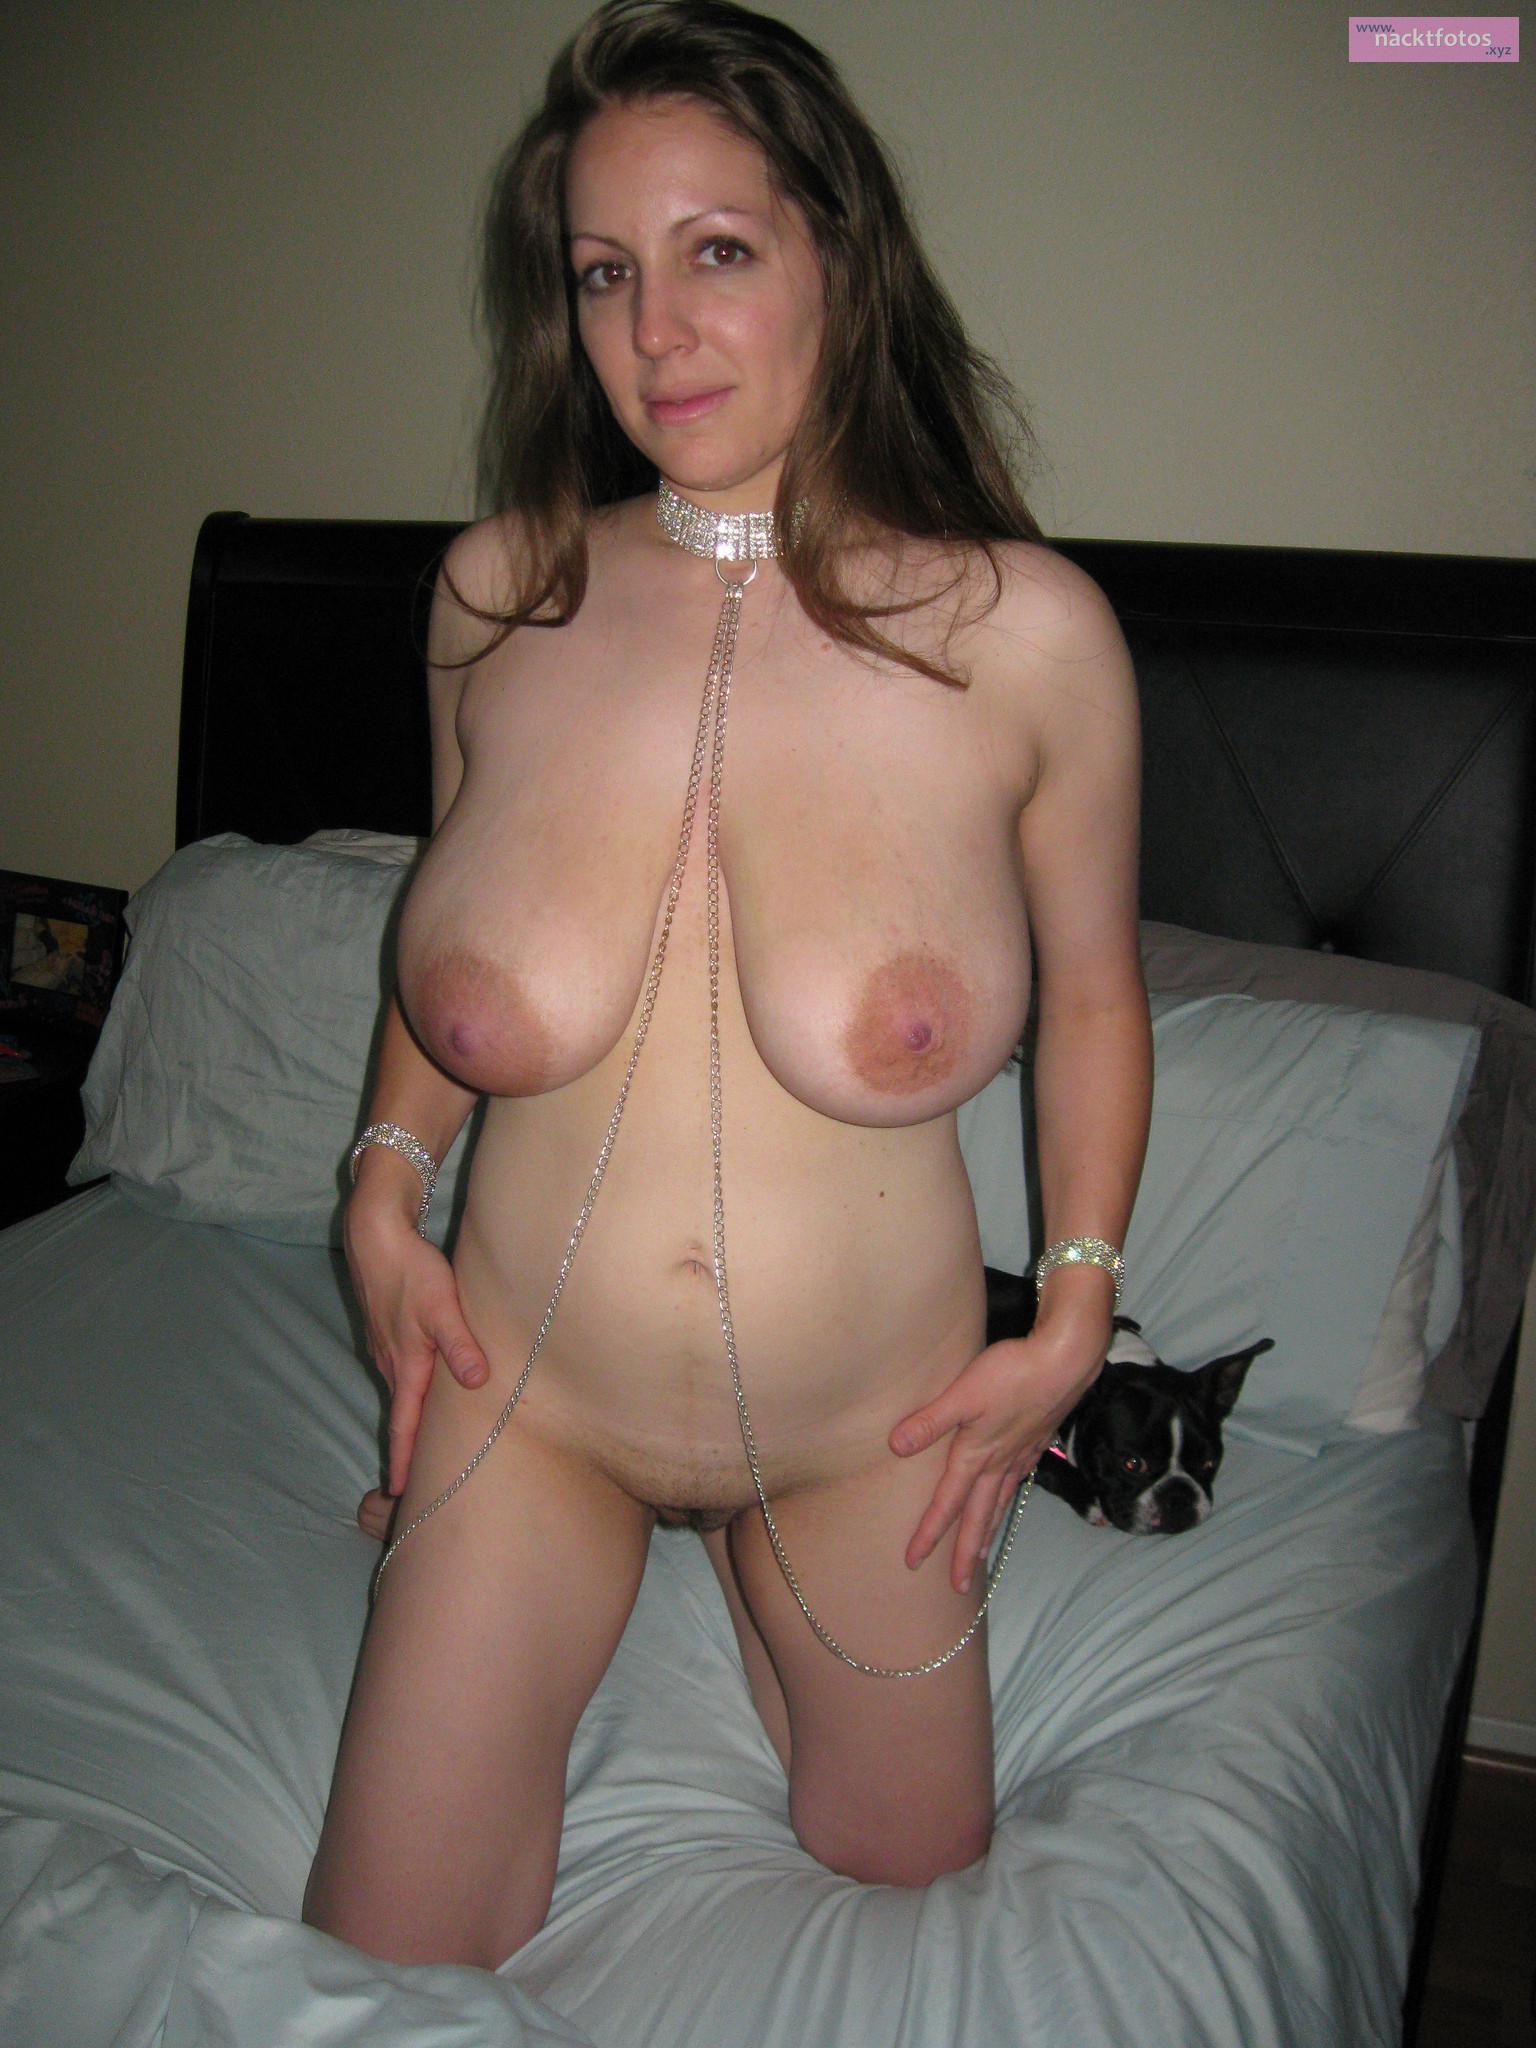 Dieses private Nacktfoto ist für dich völlig kostenlos! Du kannst es ...